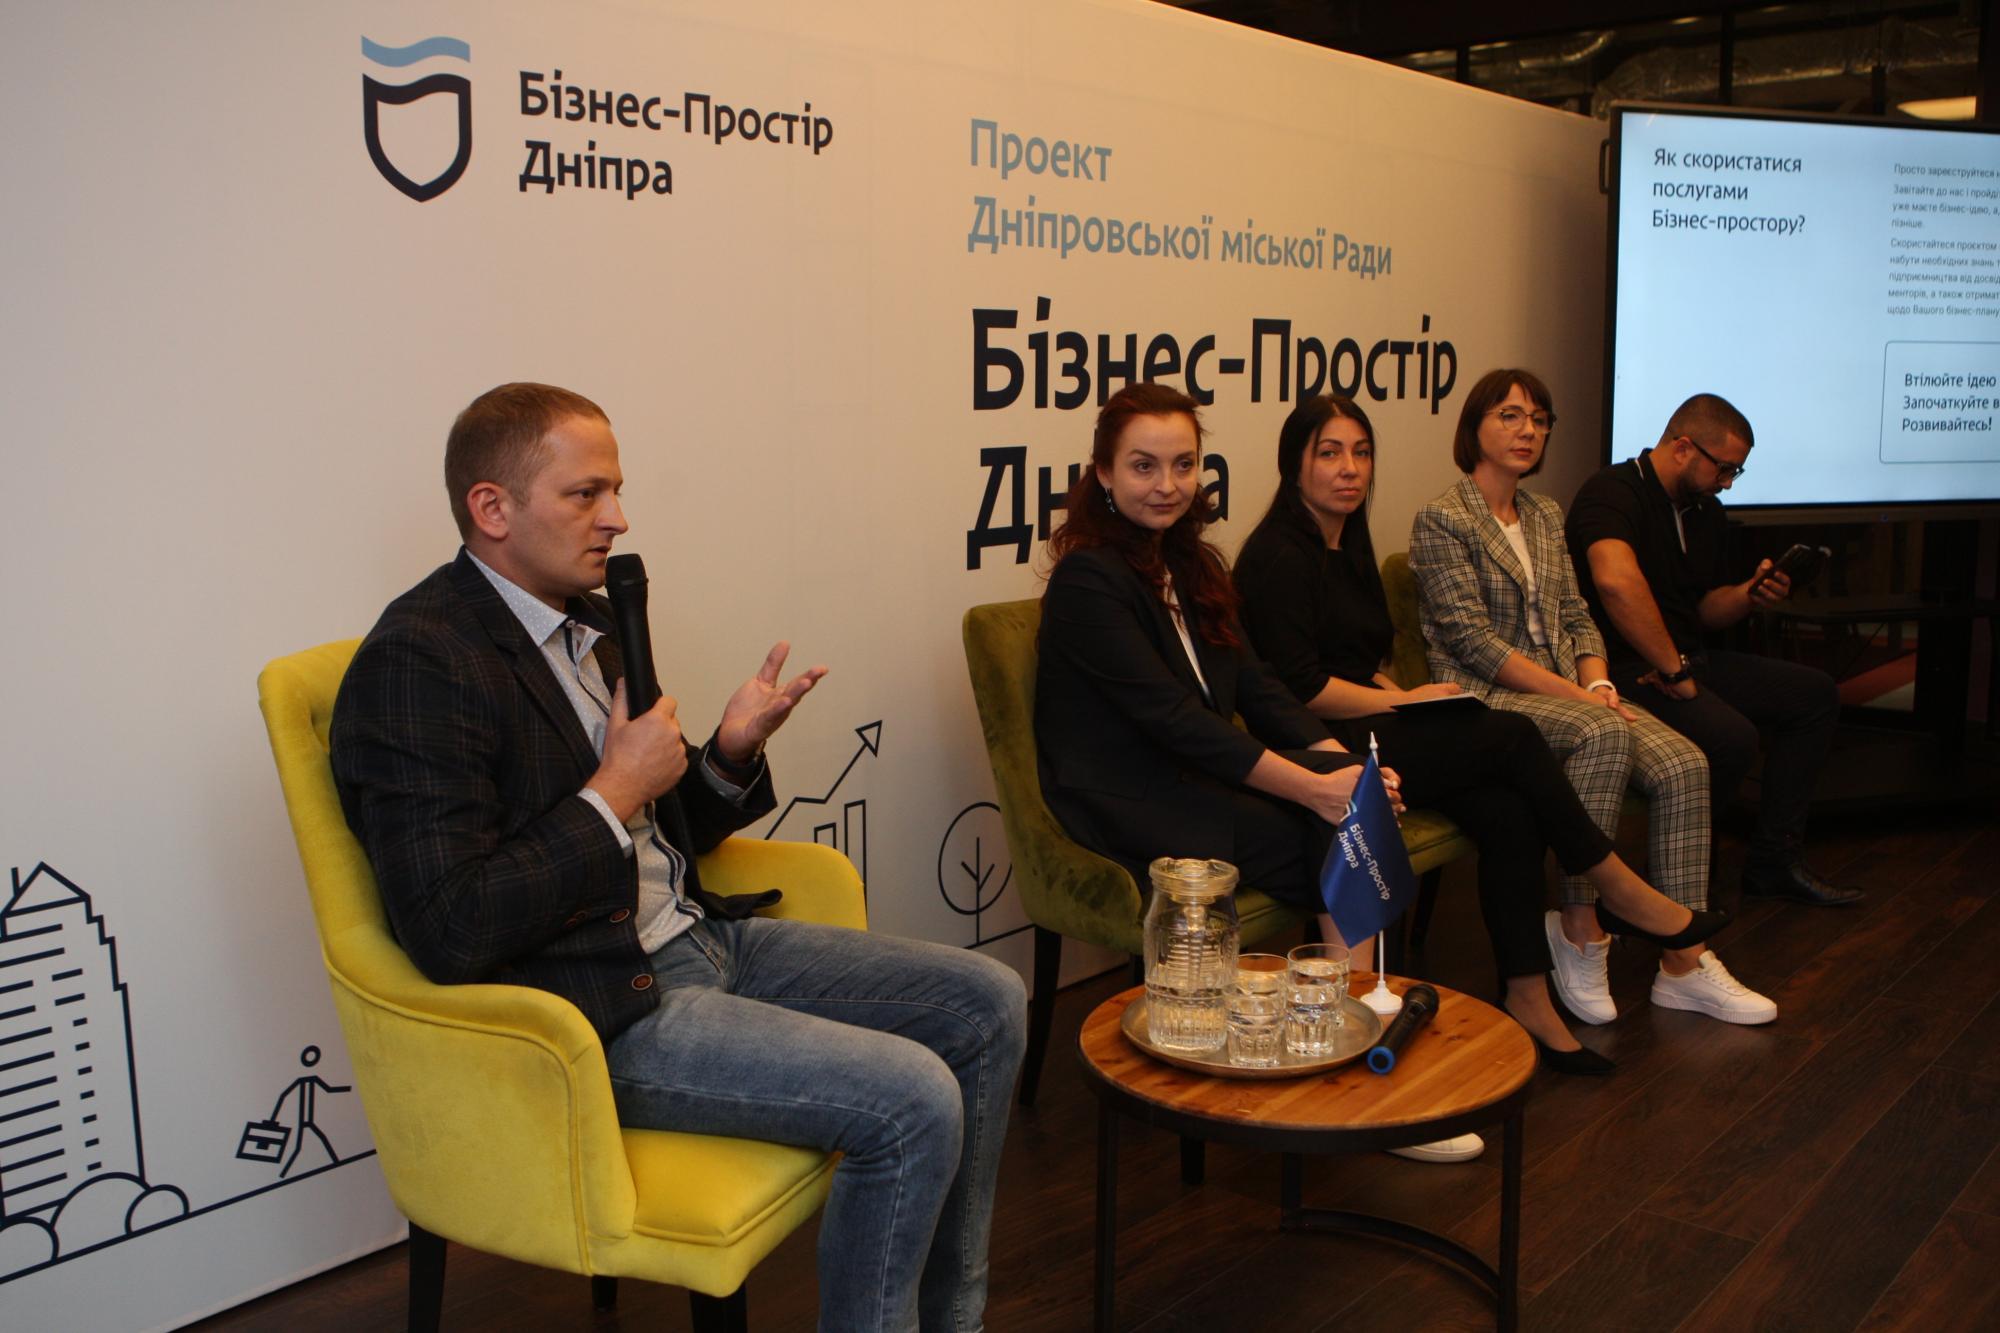 У Дніпрі презентували інформаційну платформу для розвитку бізнеса